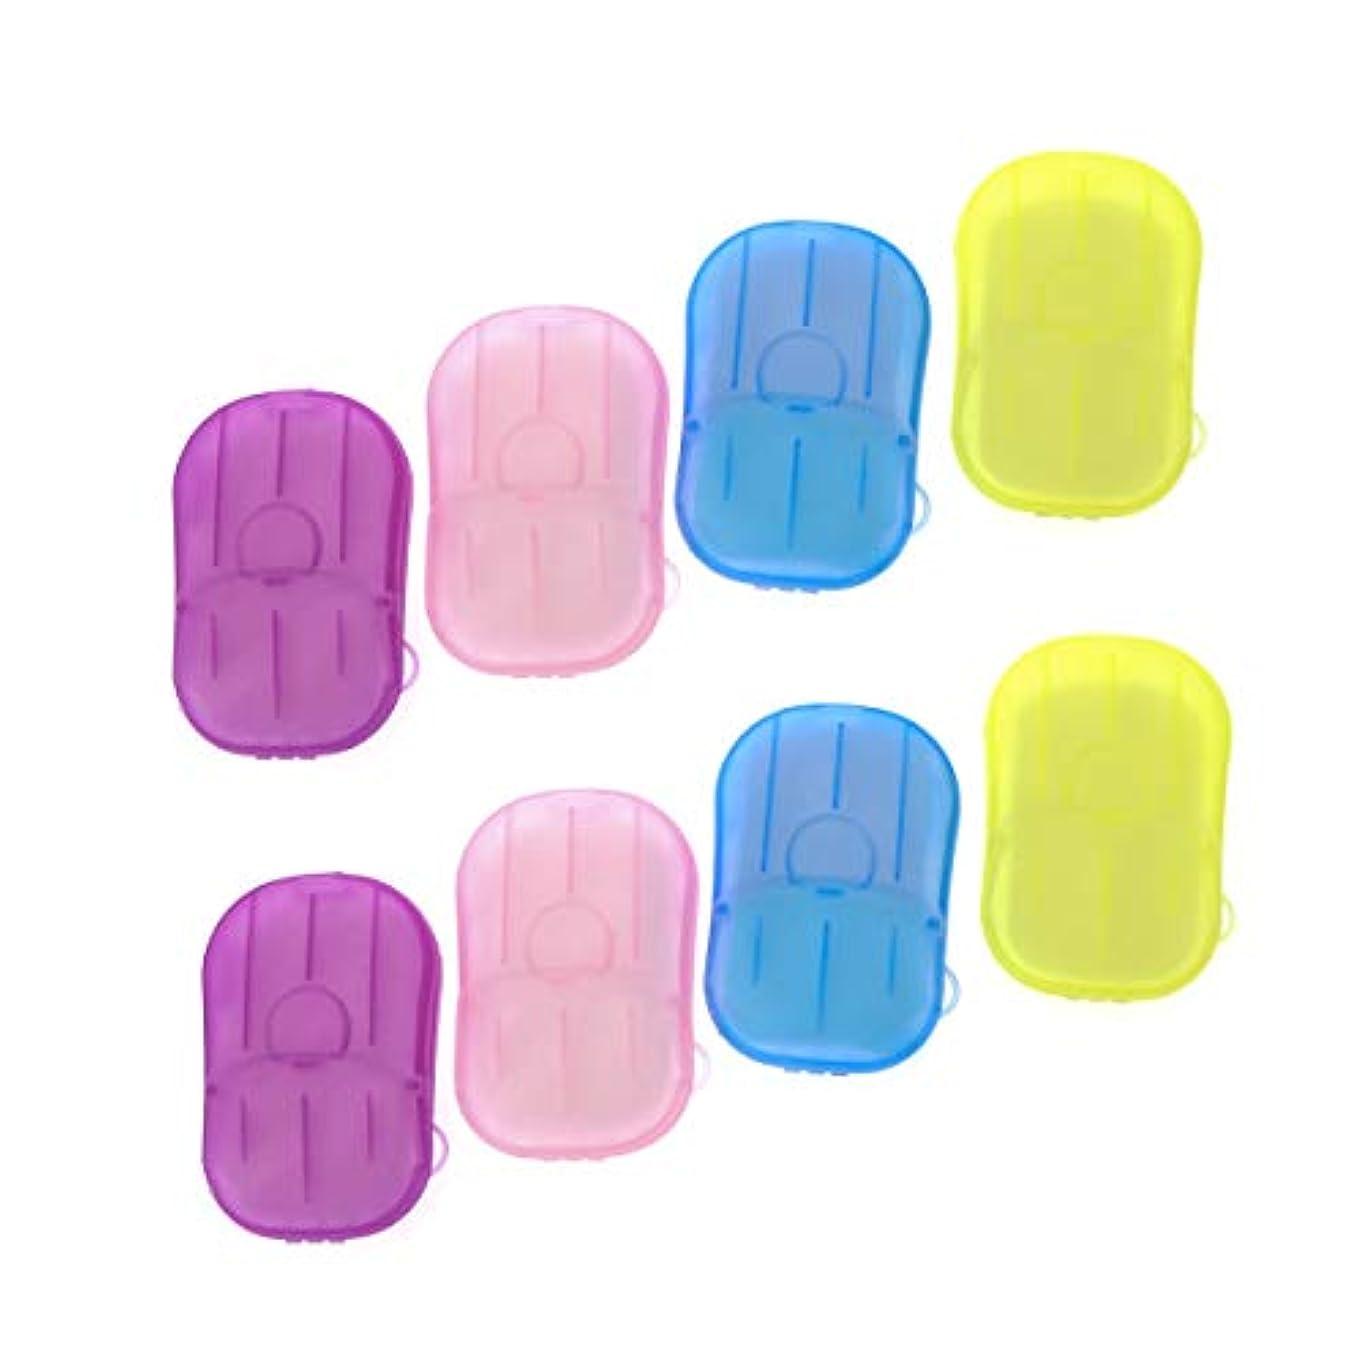 遠え光の蓋SUPVOX 8ピースポータブルソープペーパー使い捨て手洗いペーパーソープスライスシート用子供大人トイレ旅行屋外